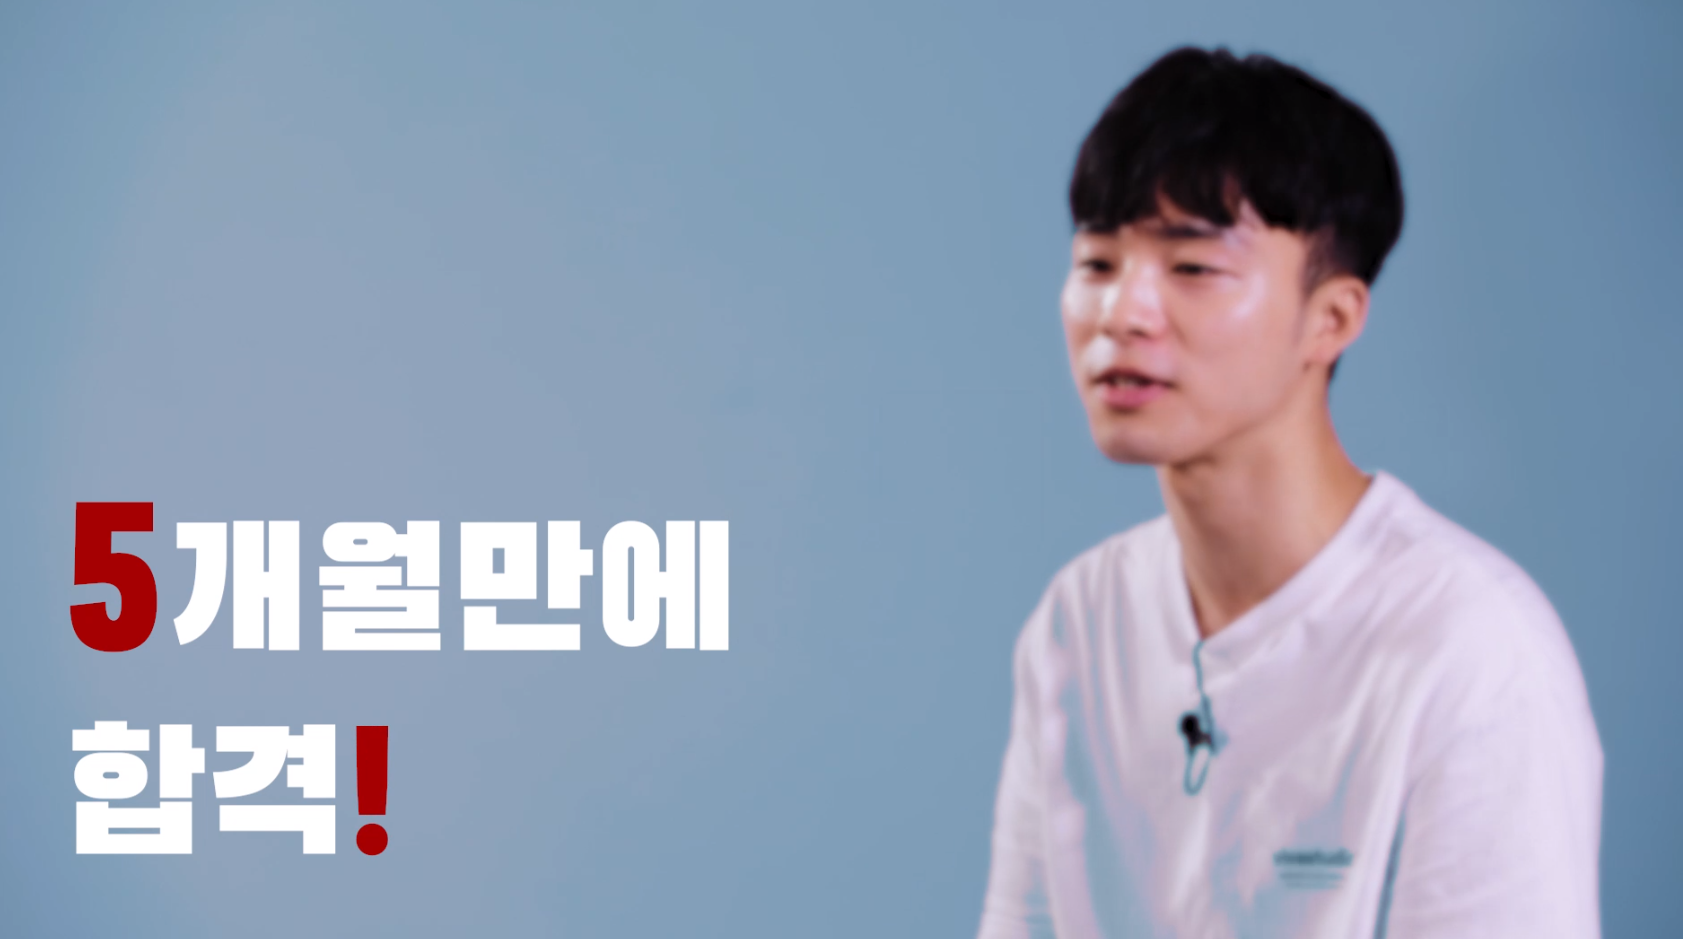 2019년 1차 충남청 김진환님